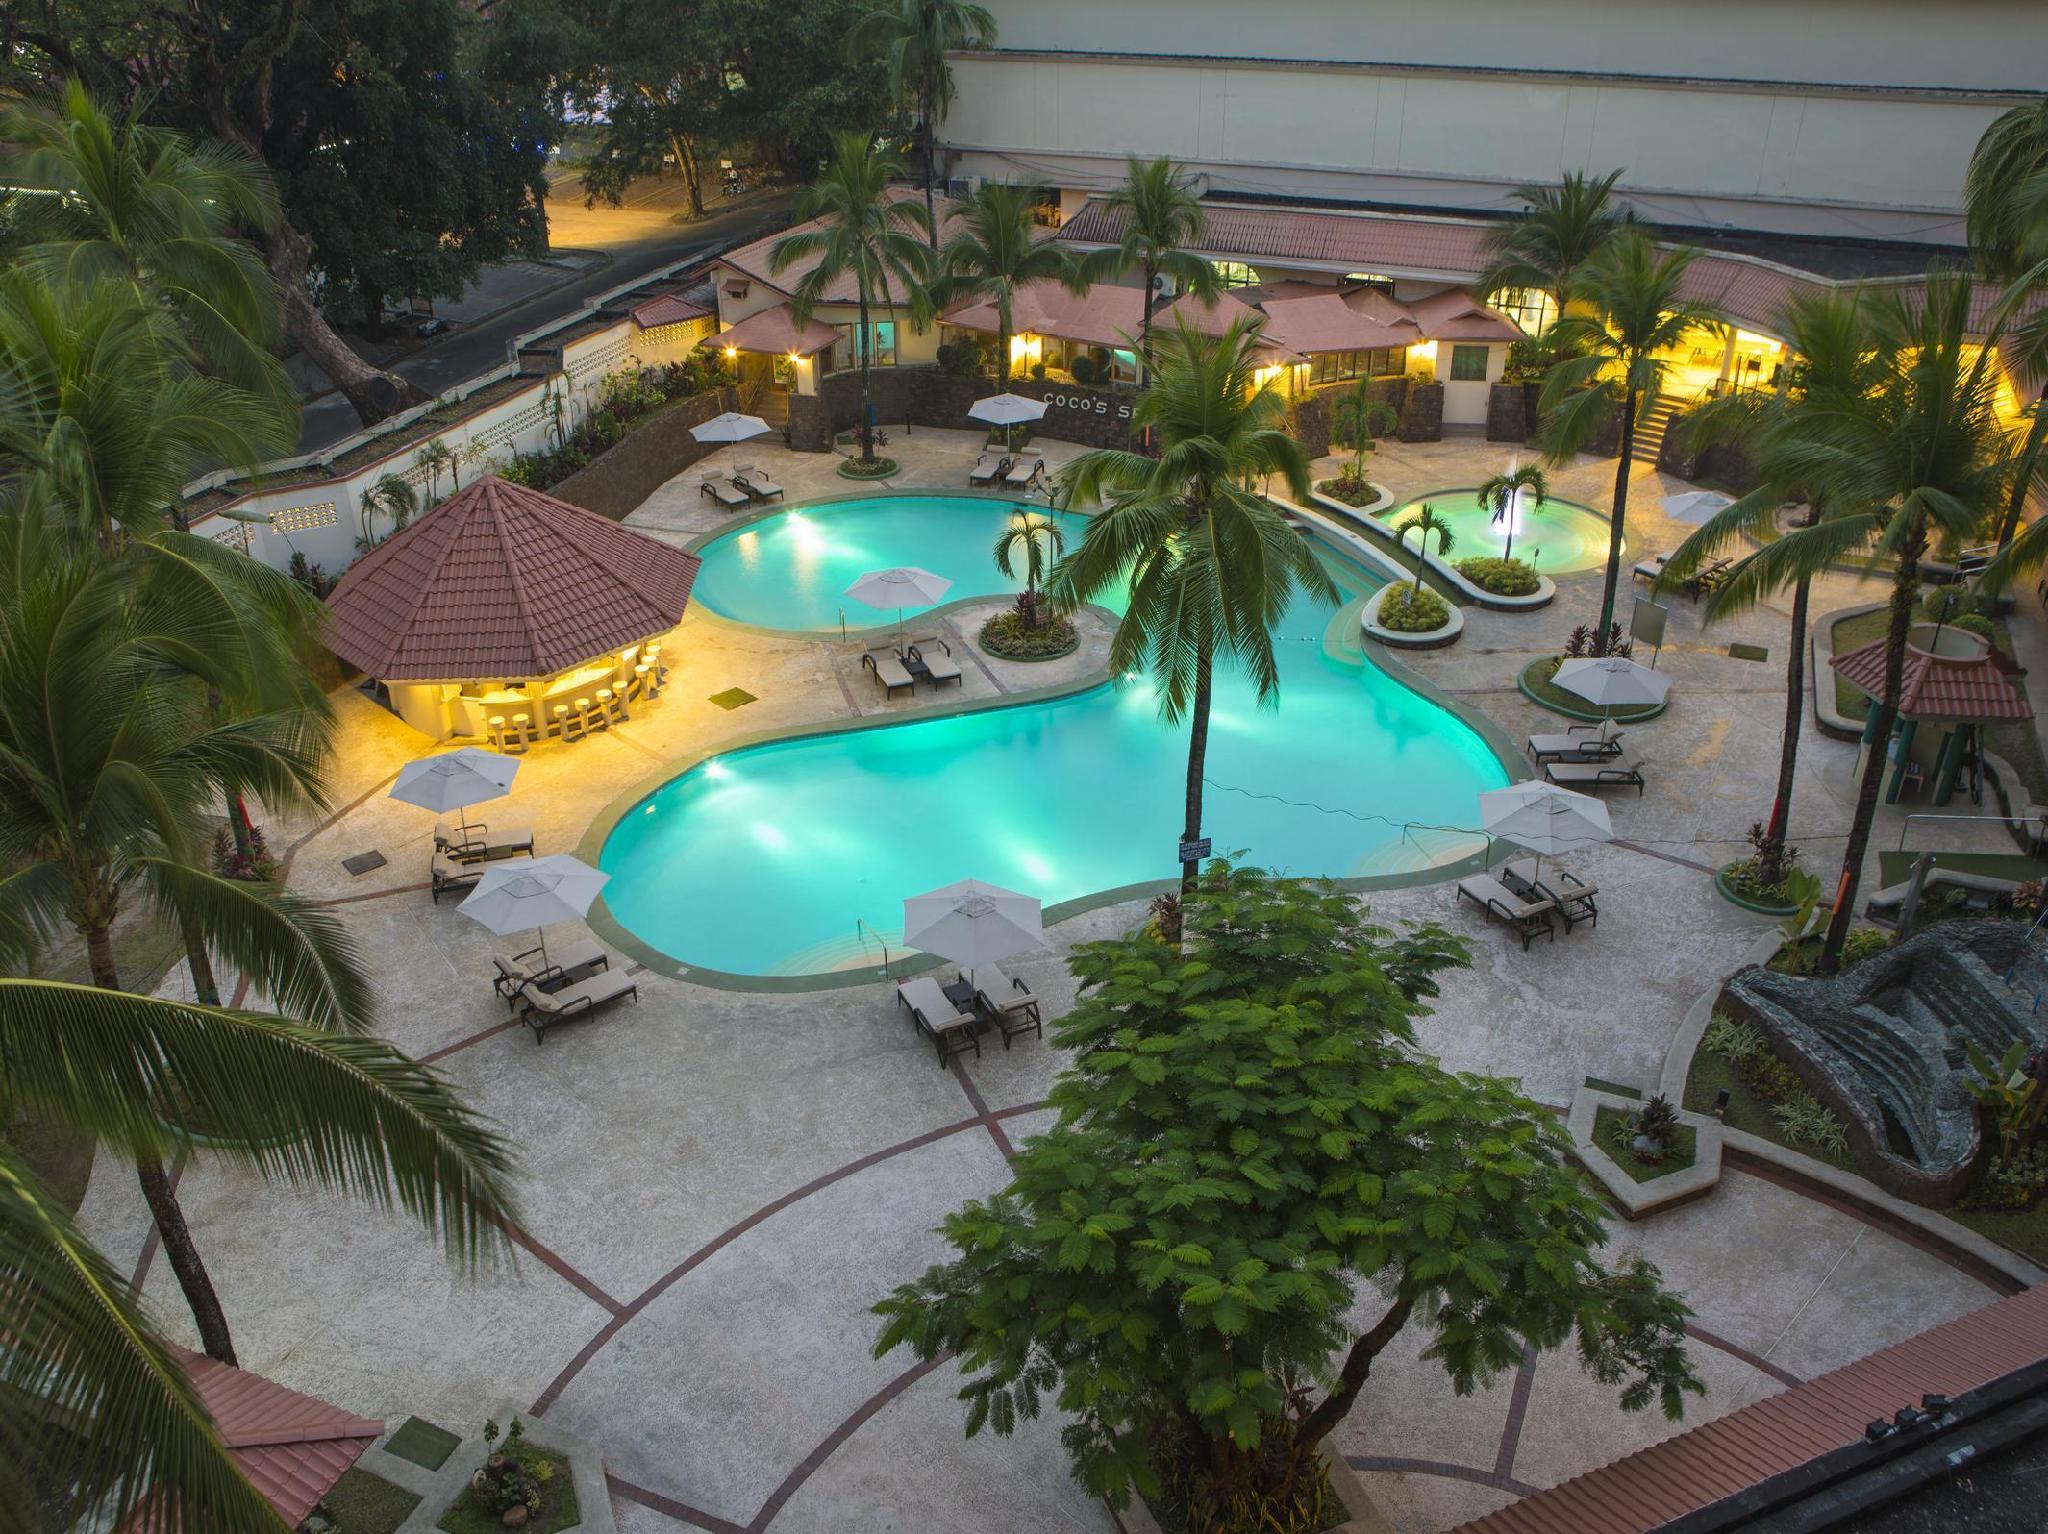 Holiday Inn Clark Hotel In Pampanga Philippines Pampanga Hotel Deals Chinatraveldepot